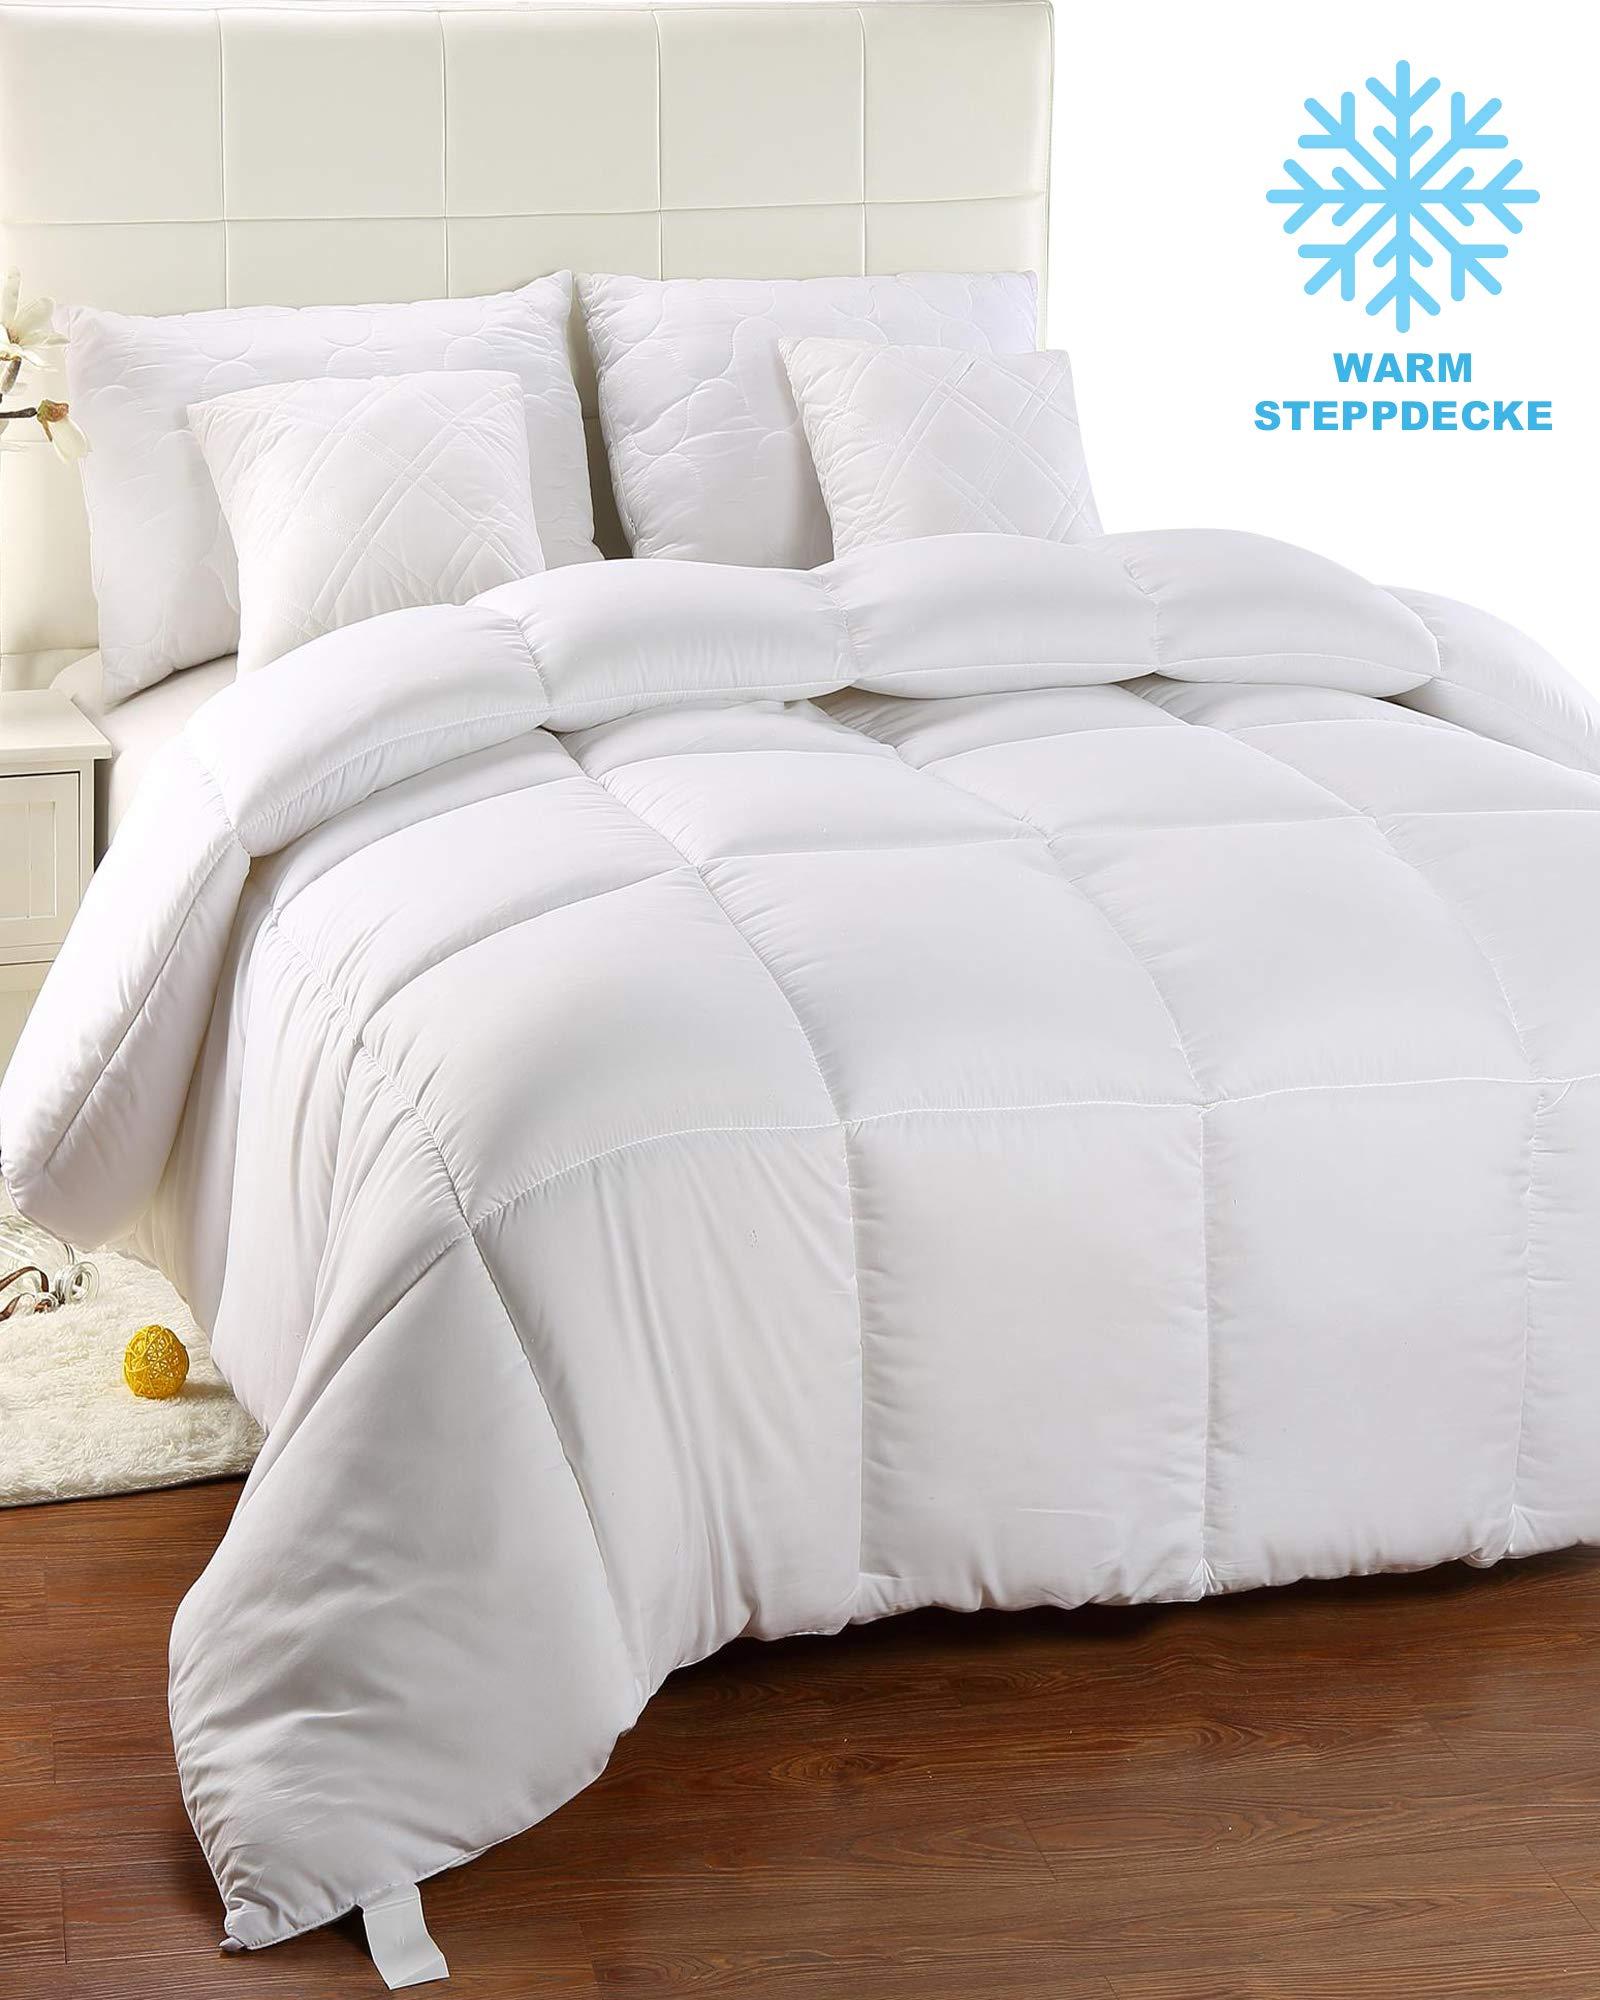 Utopia bedding- Invierno Edredón de fibra, fibra hueca siliconada, 1200 gramo - Blanco